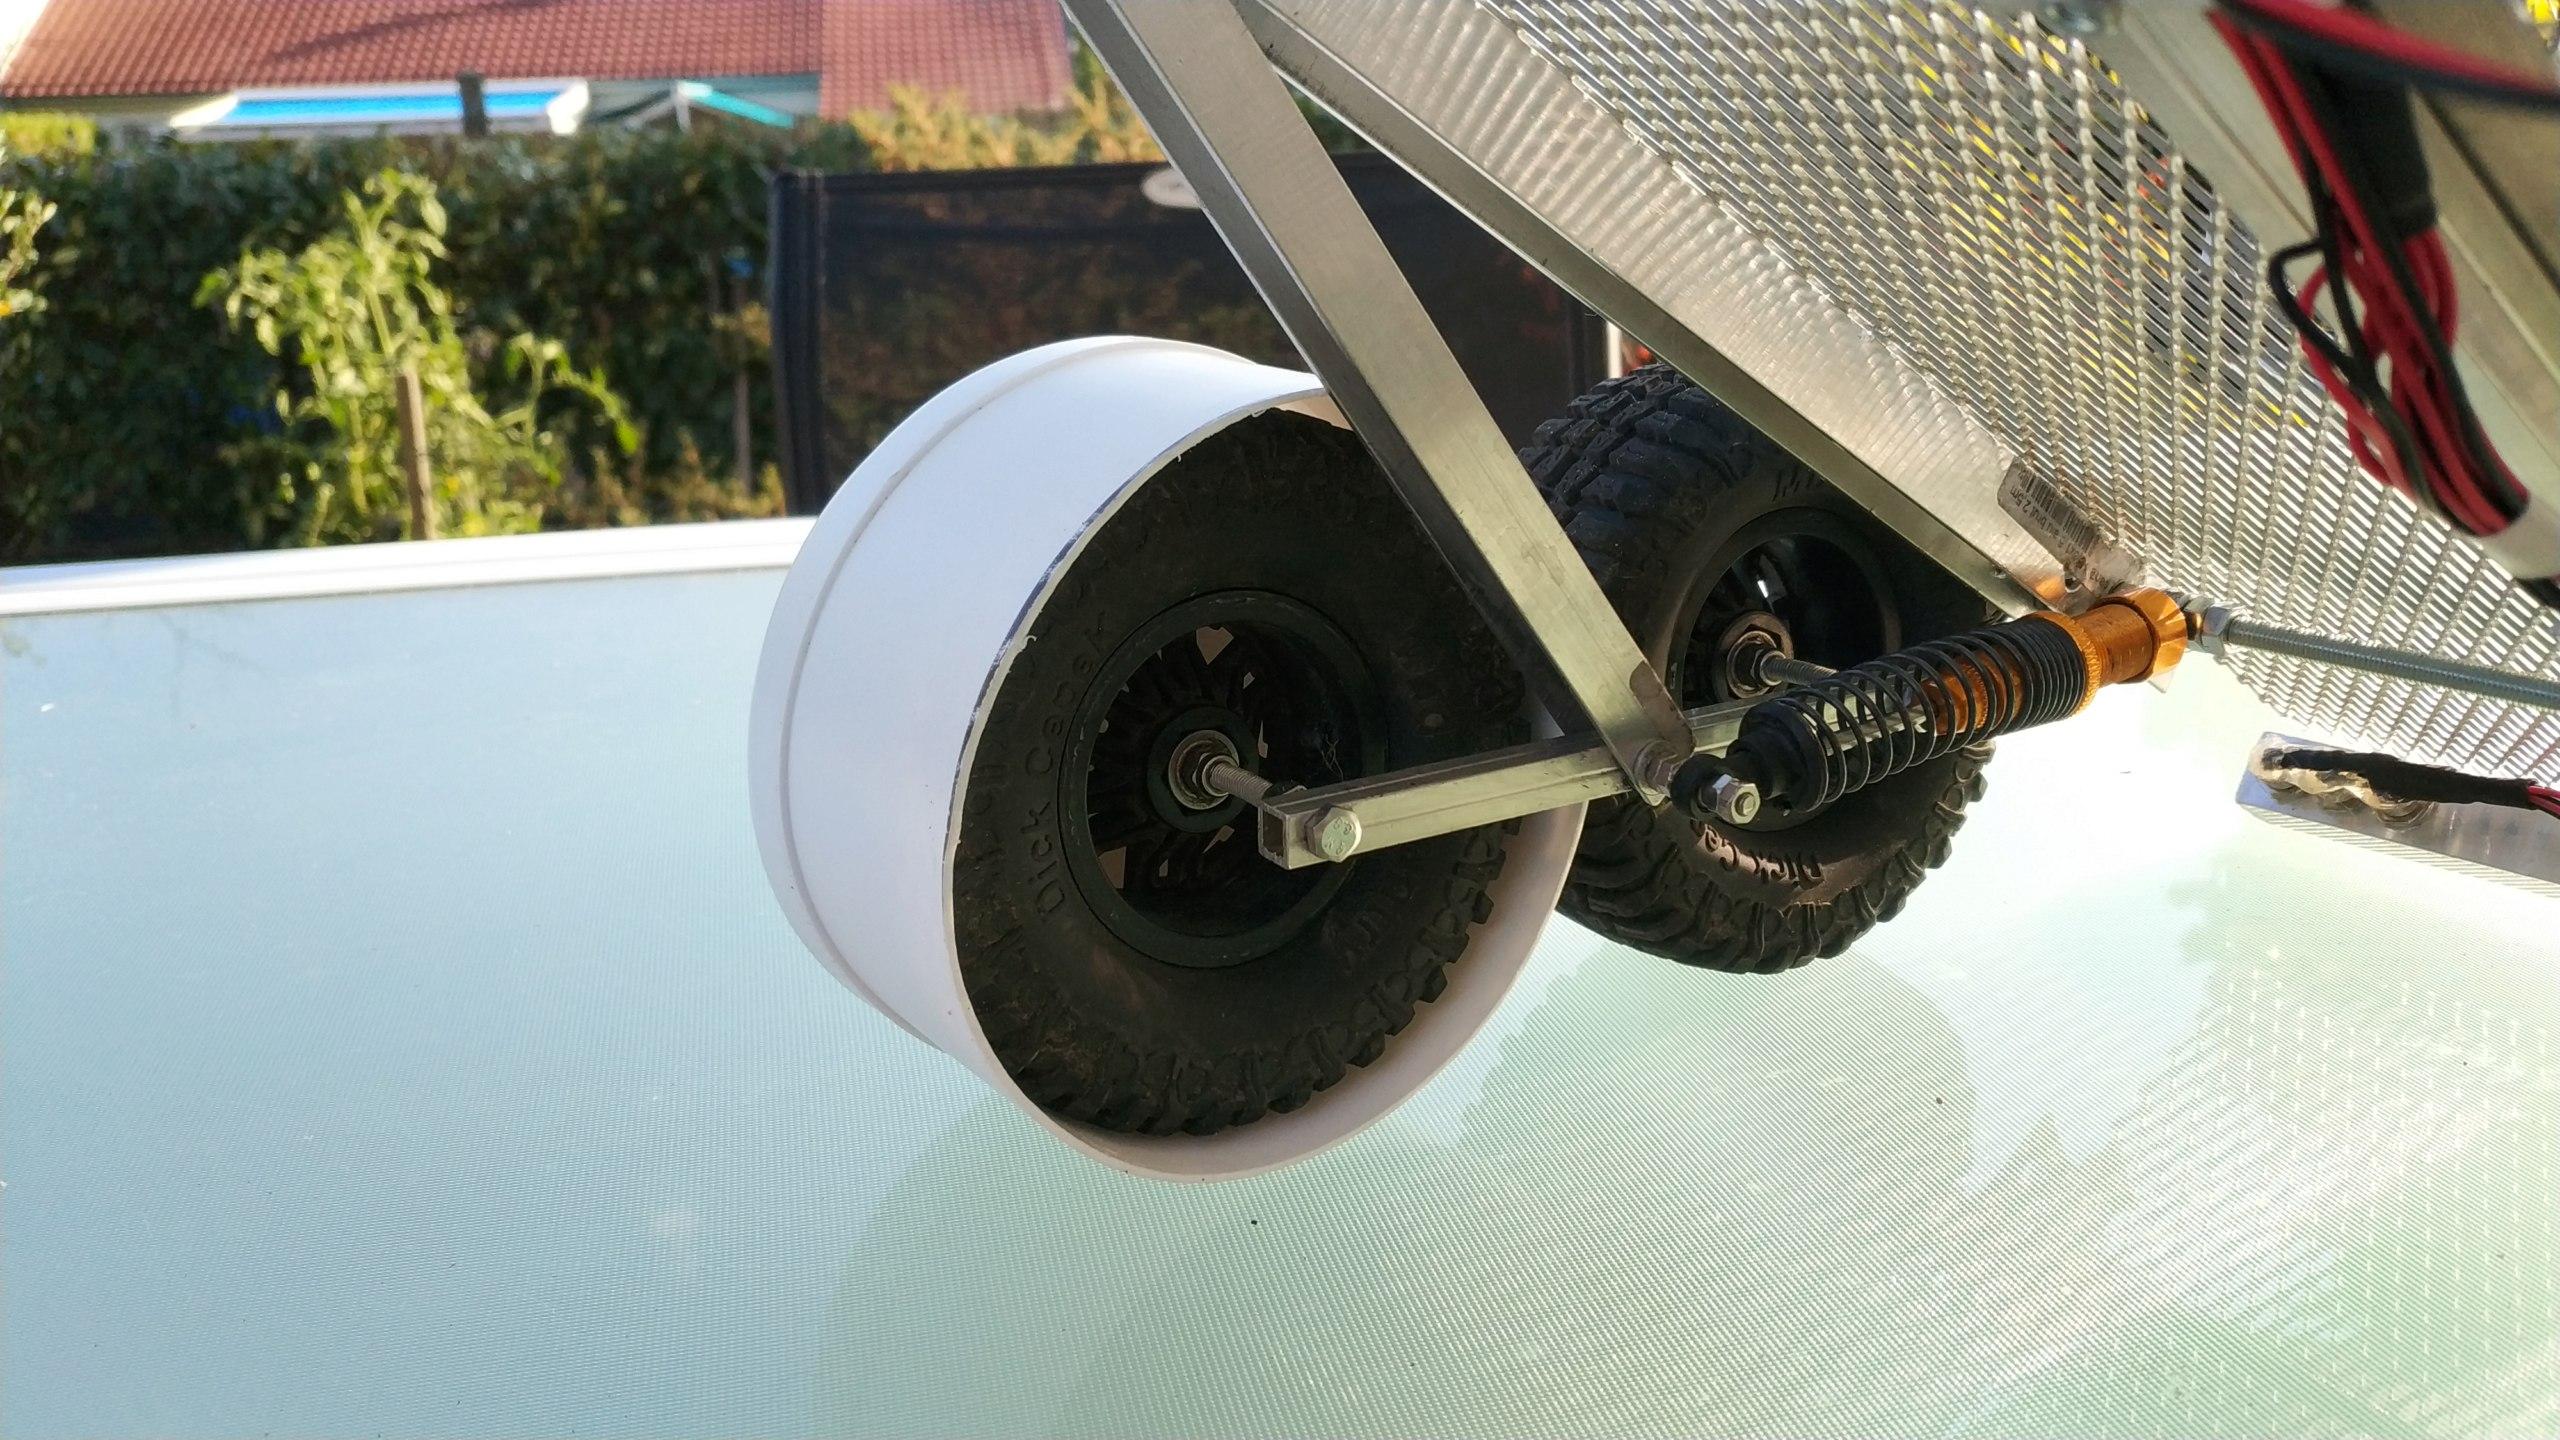 Fabrication de remorque double essieux fait maison tout en alu - Page 3 Img_2061